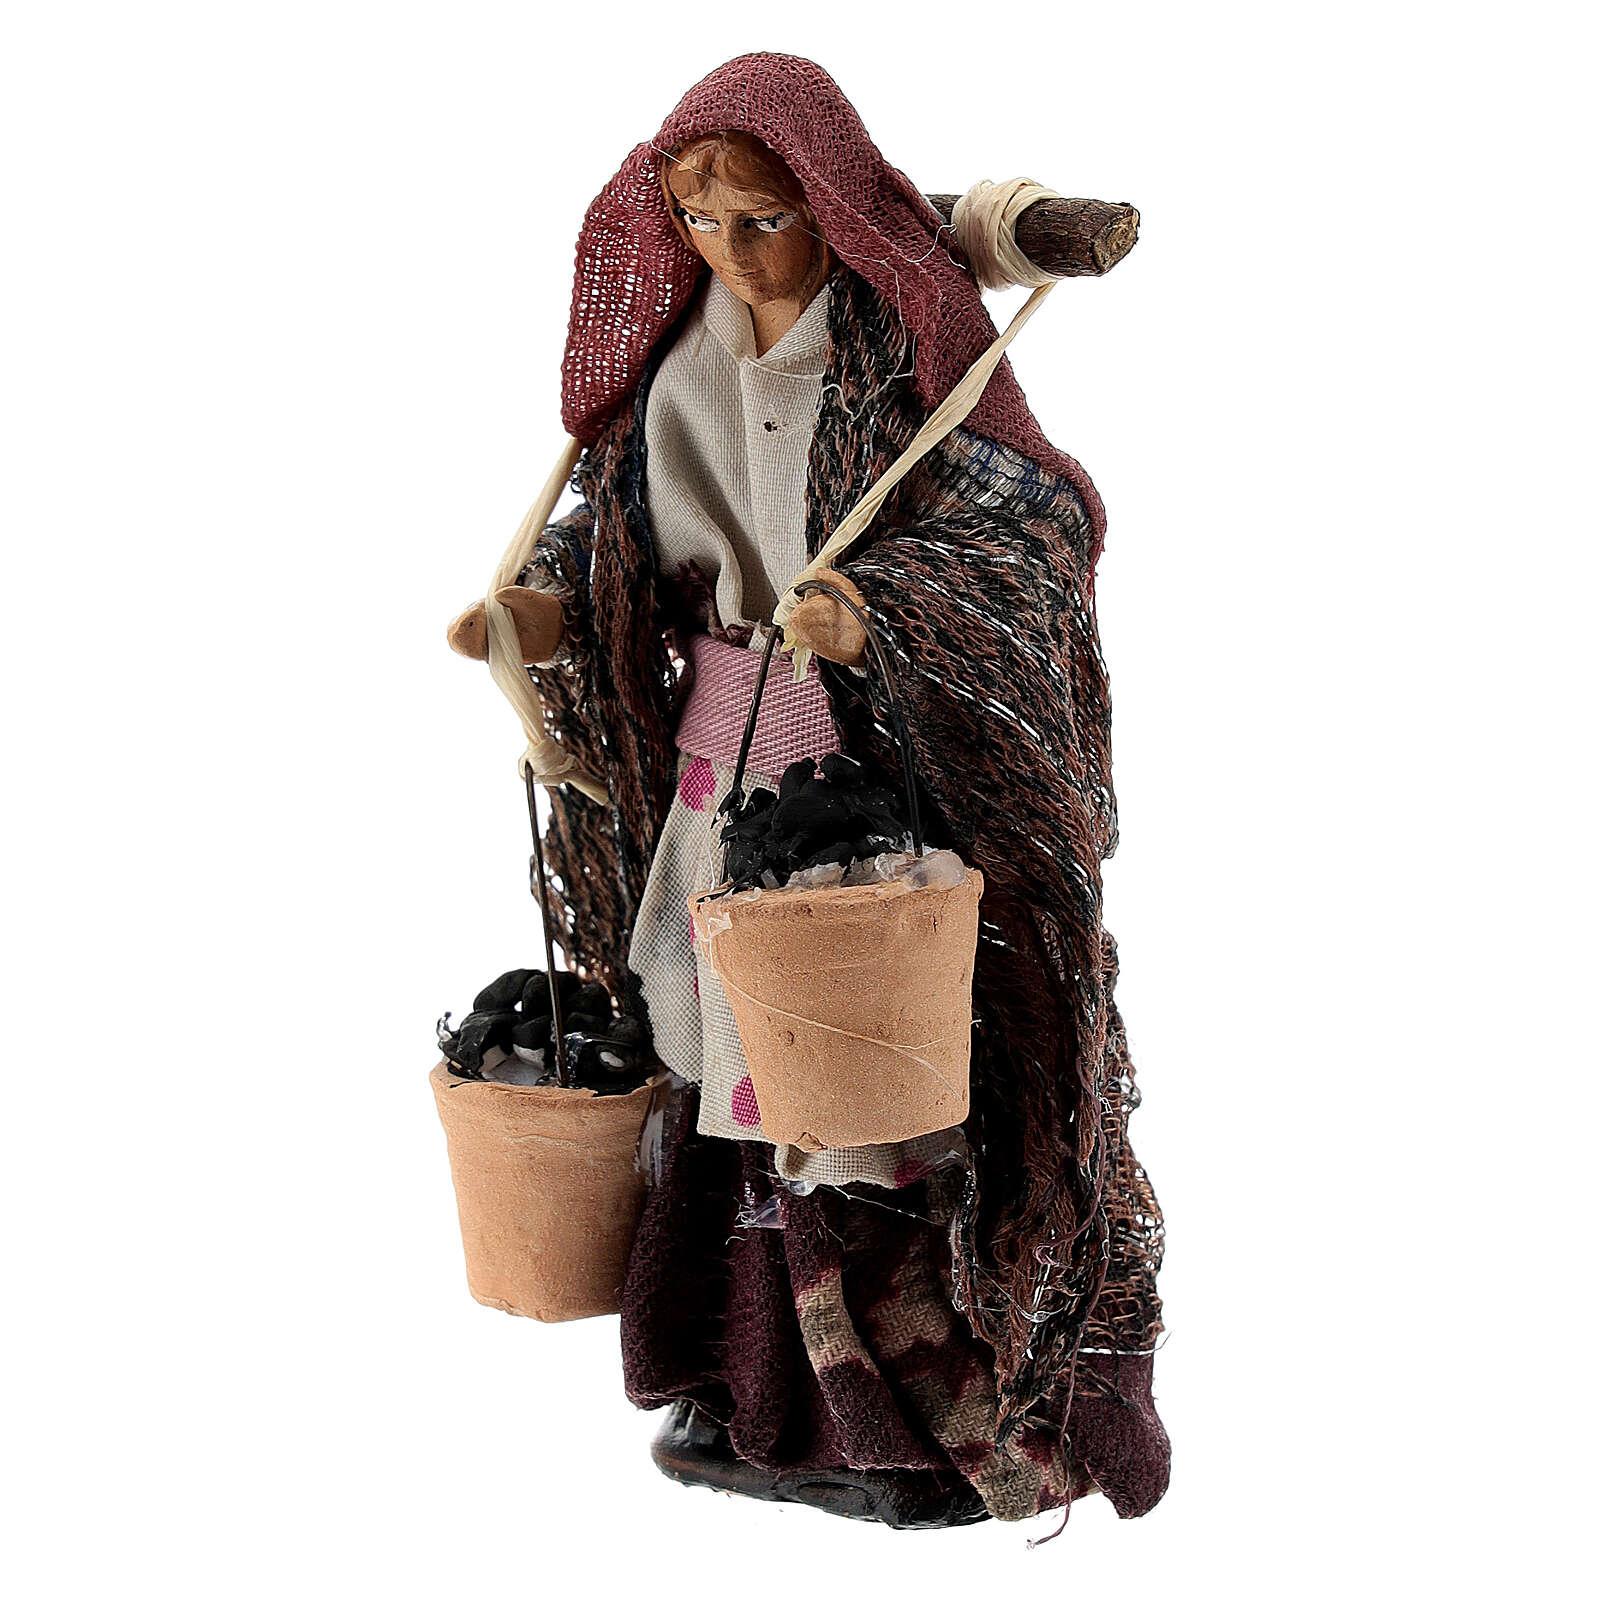 Mujer con cestas carbones terracota 8 cm belén napolitano 4